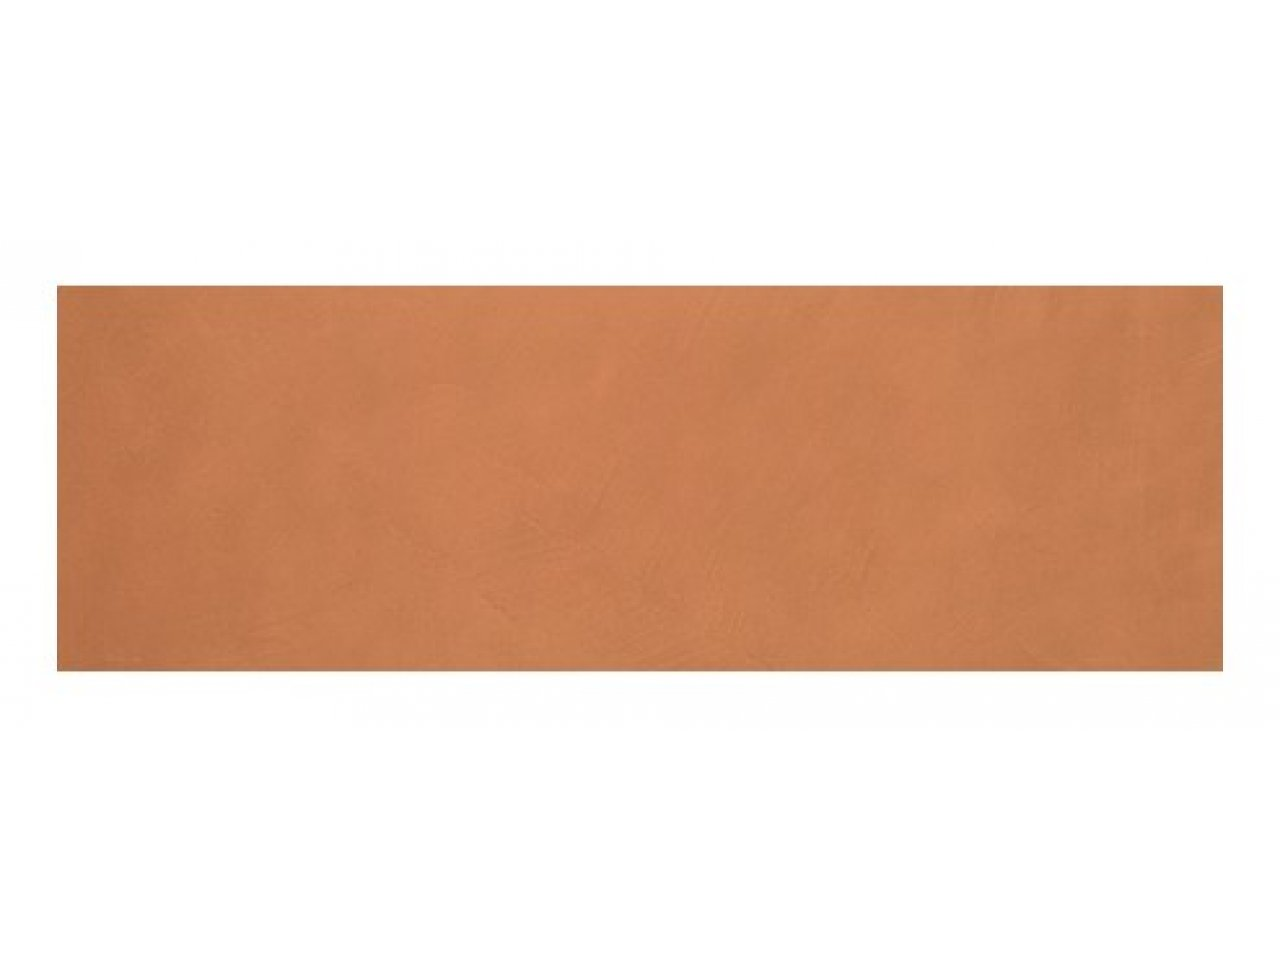 Настенная плитка FAP Color Now Curcuma 30.5x91.5 см, Арт. fMRQ